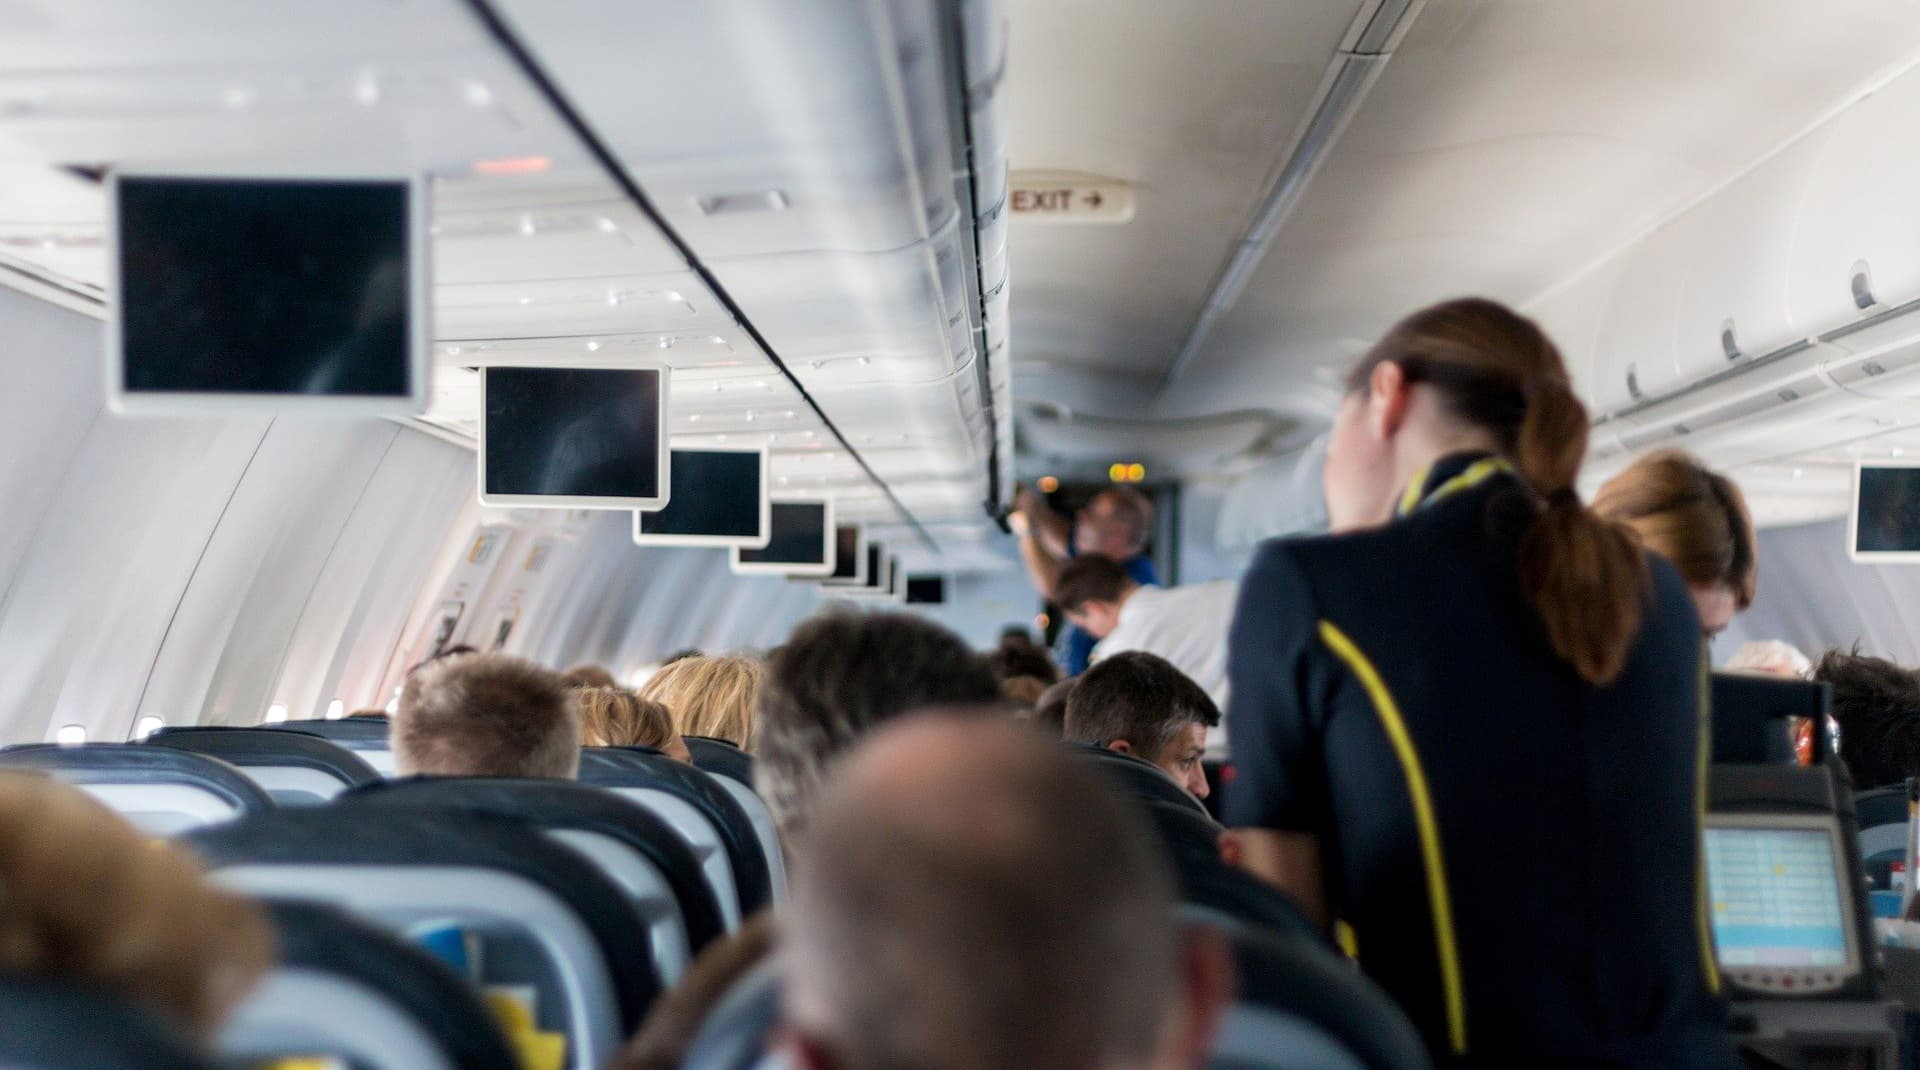 Украинских стюардесс переодели в кроссовки и брюки – неоднозначная реакция в соцсетях